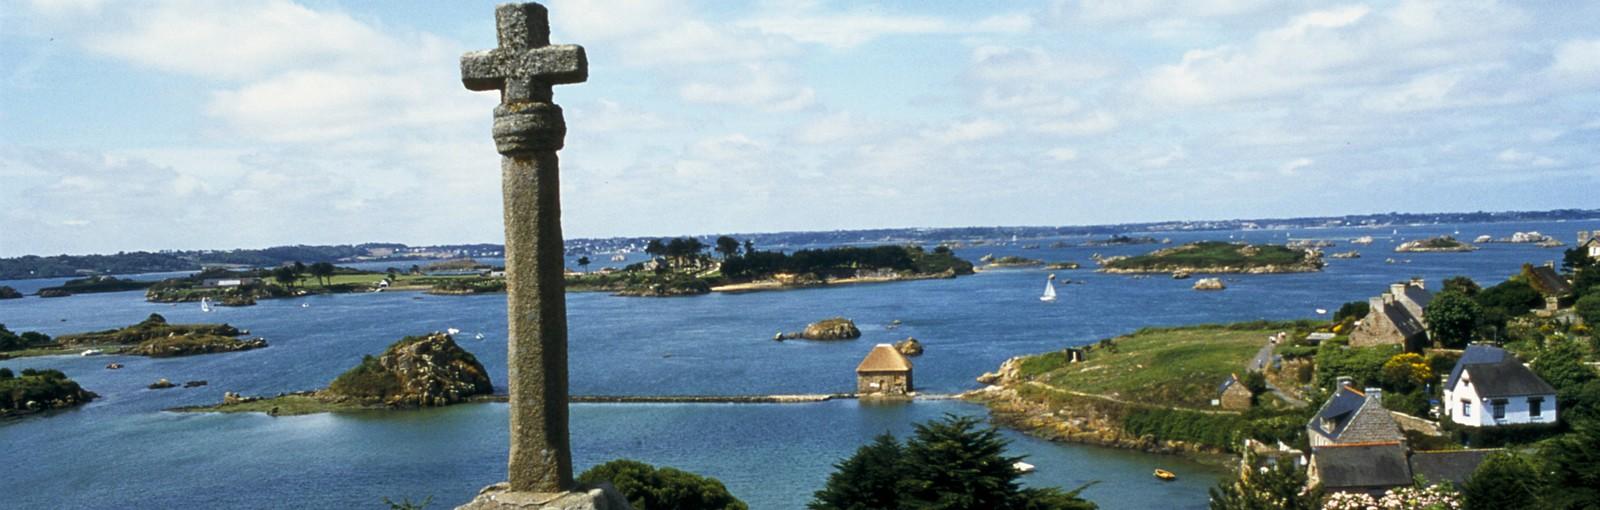 Tours Normandía - Bretaña - Valle del Loira y Chartres - Multi-régional - Circuitos desde Paris